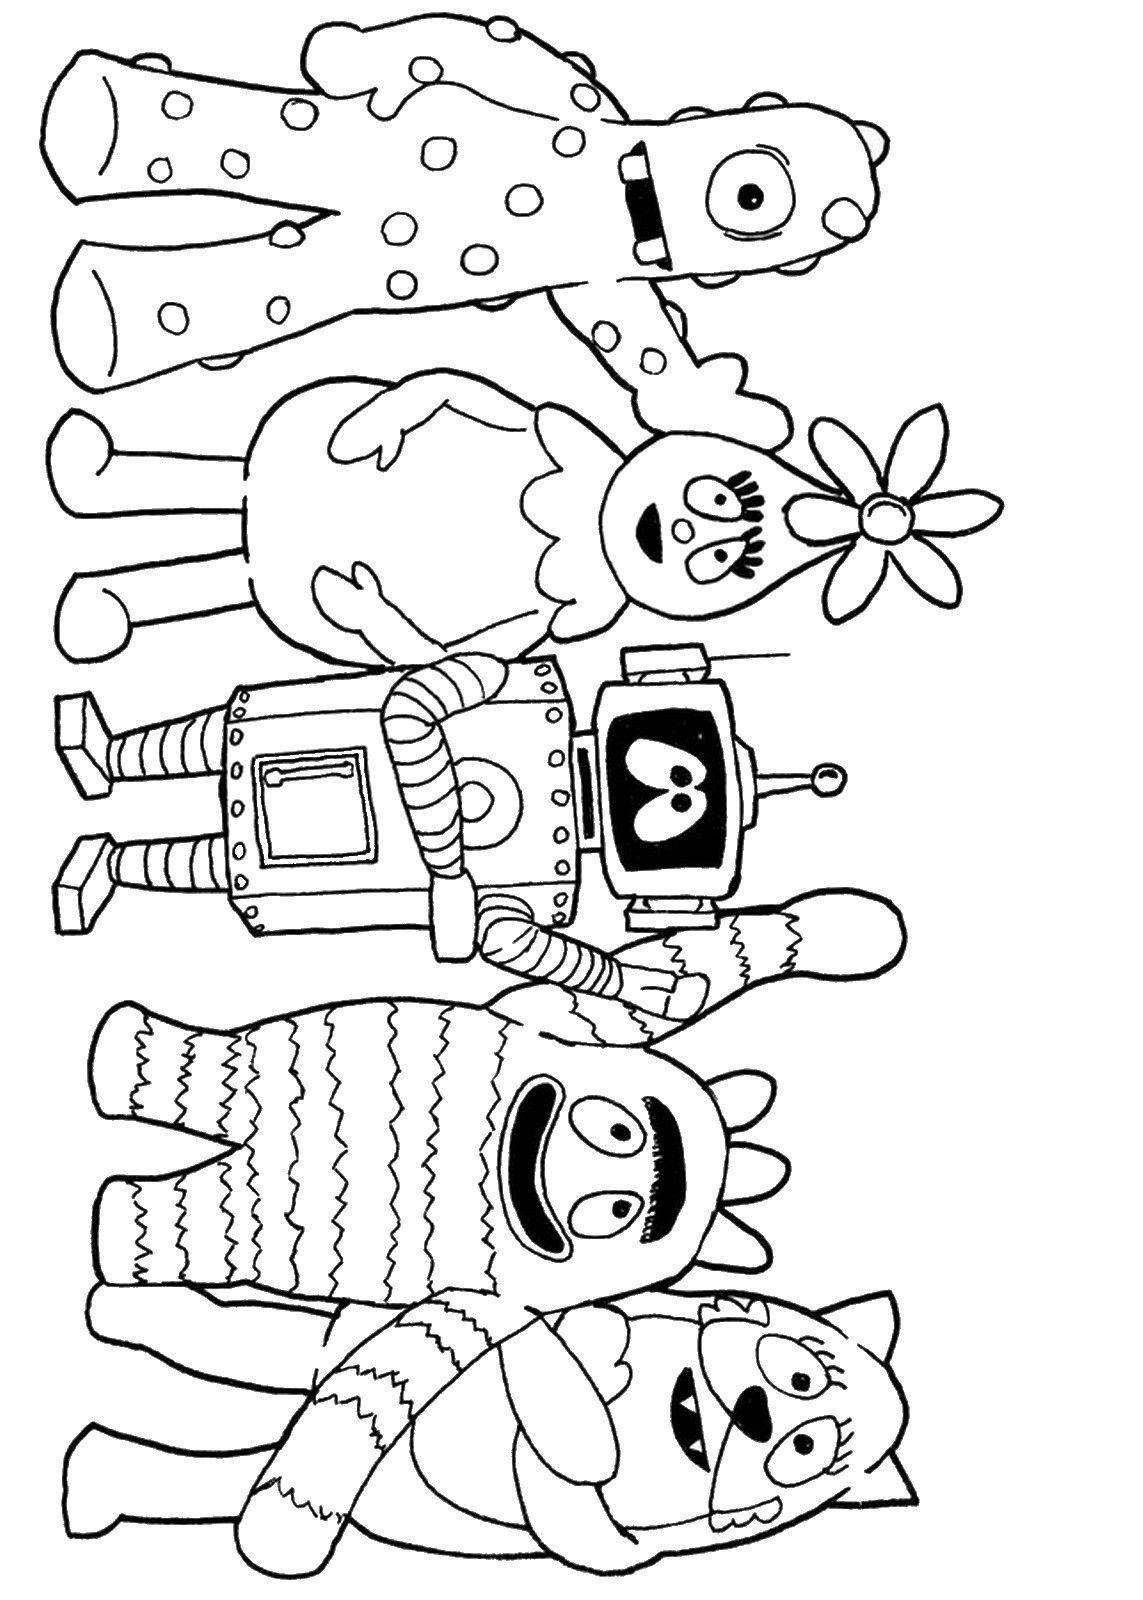 Yo Gabba Gabba Printable Coloring Pages Free Online Coloring Online Coloring Pages Nick Jr Coloring Pages [ 1600 x 1143 Pixel ]